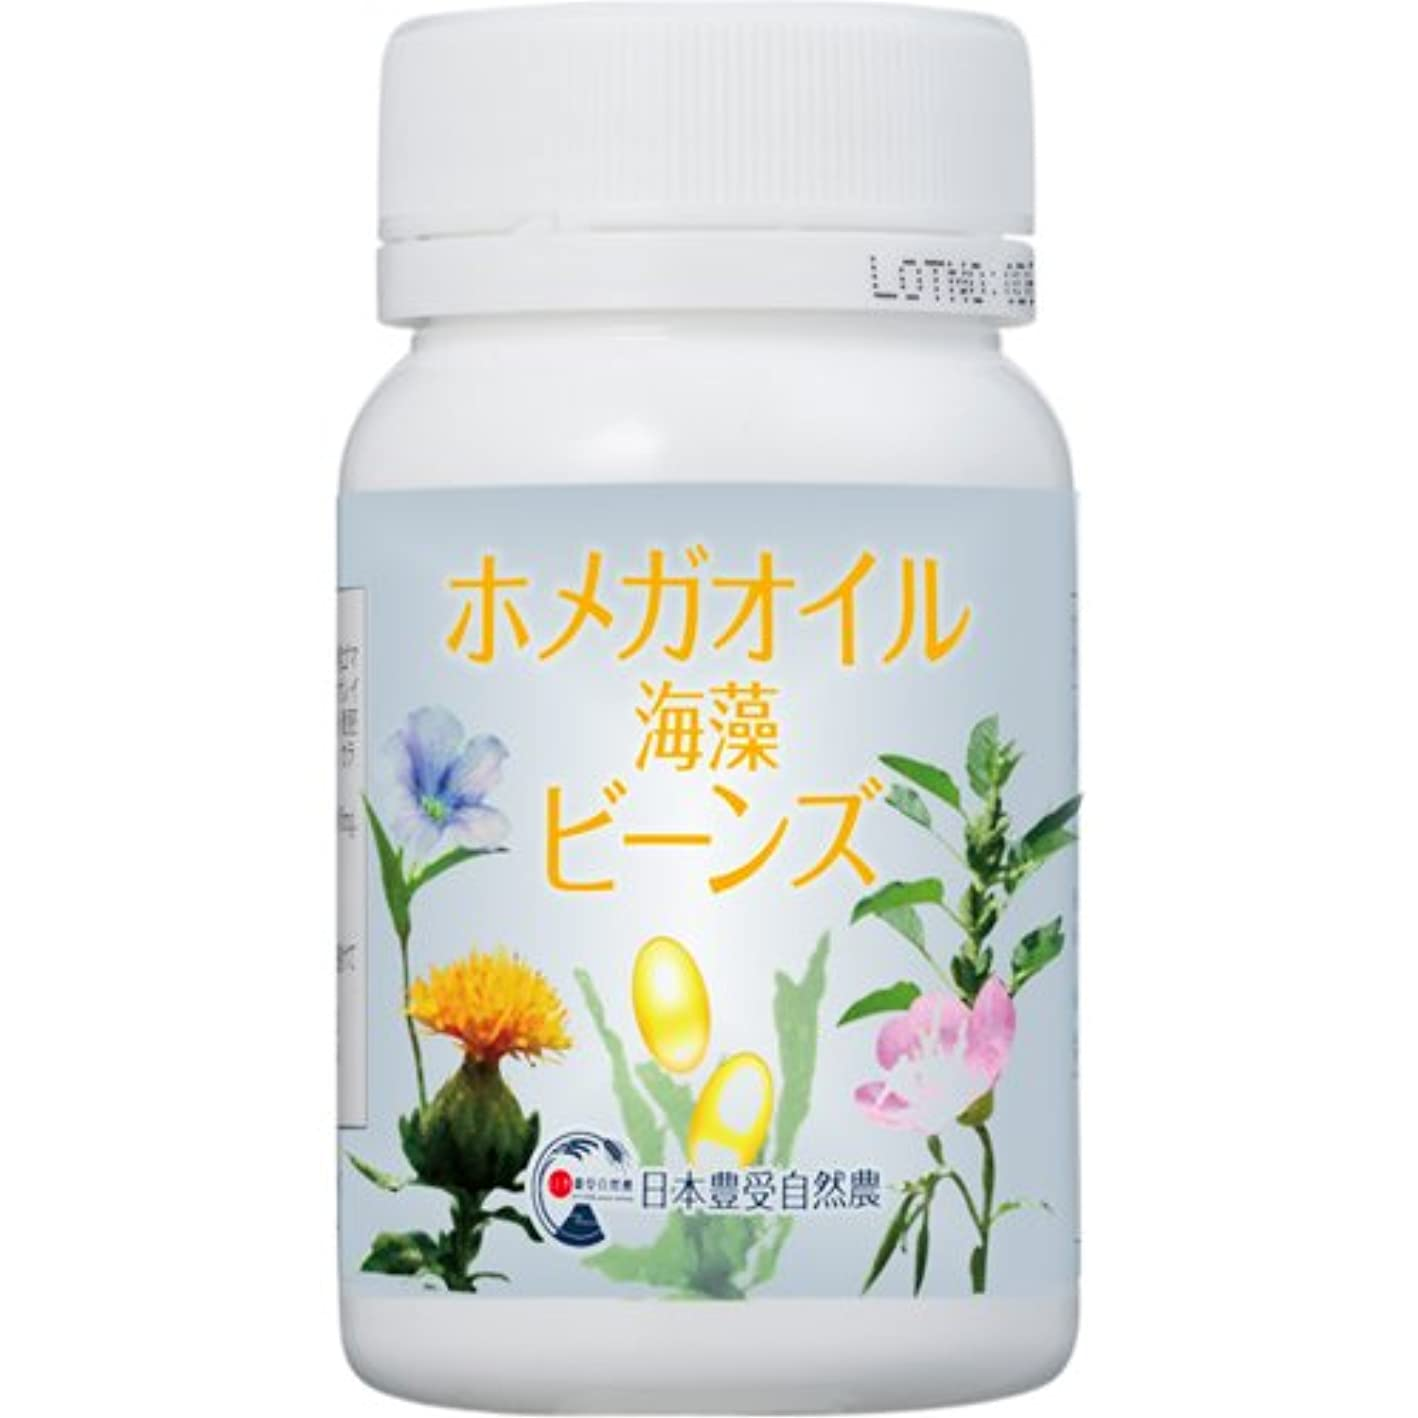 バランス曲げる真実日本豊受自然農 ホメガオイル海藻ビーンズ 約90粒